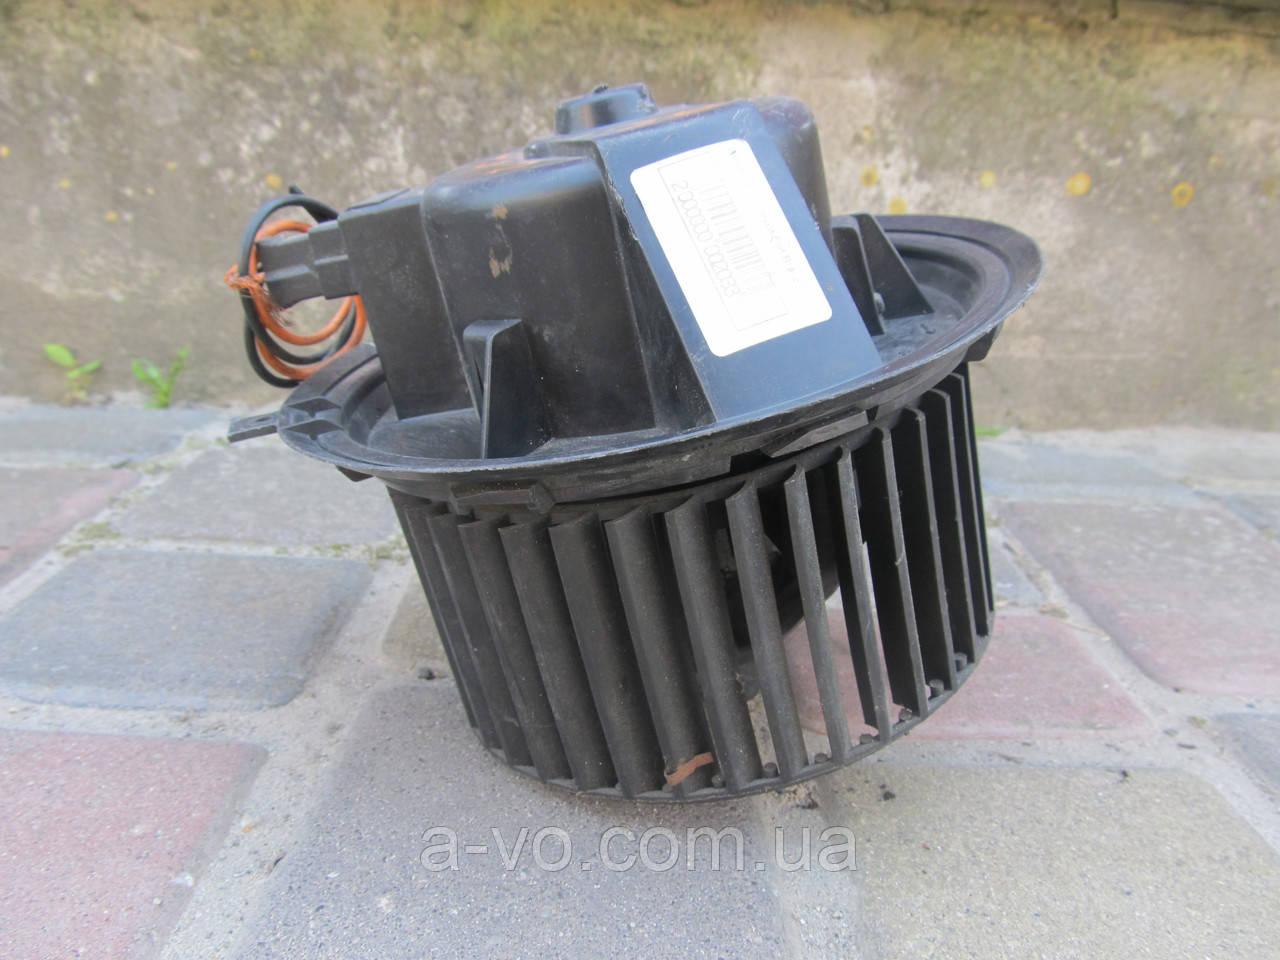 Вентилятор моторчик печки для Fiat Bravo Brava